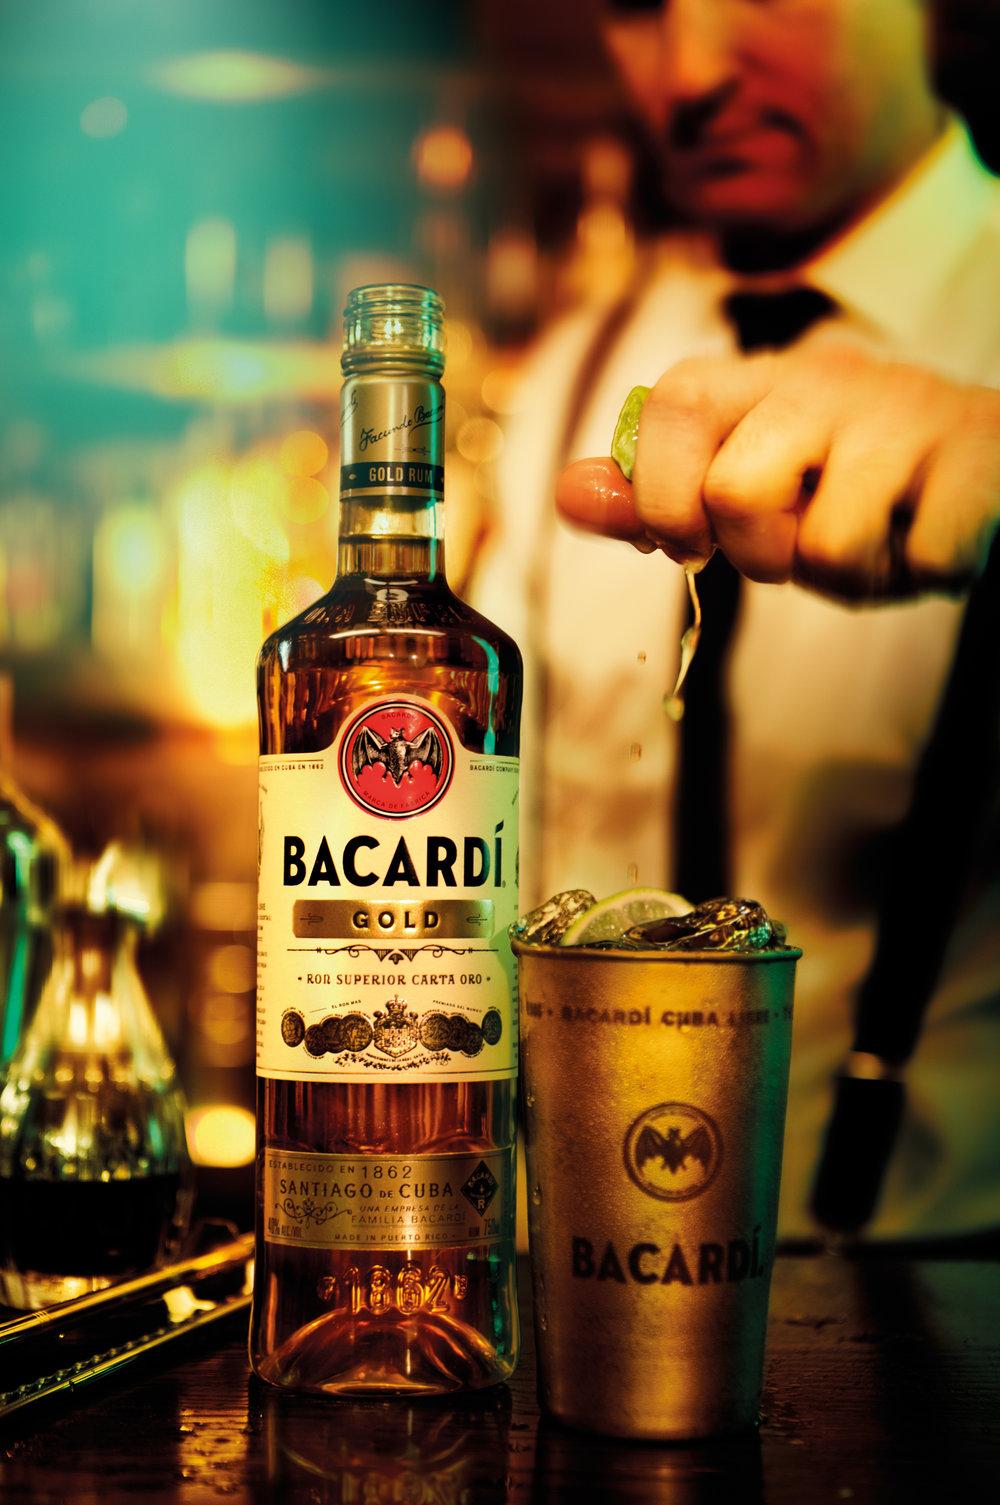 Bacardi2.jpg